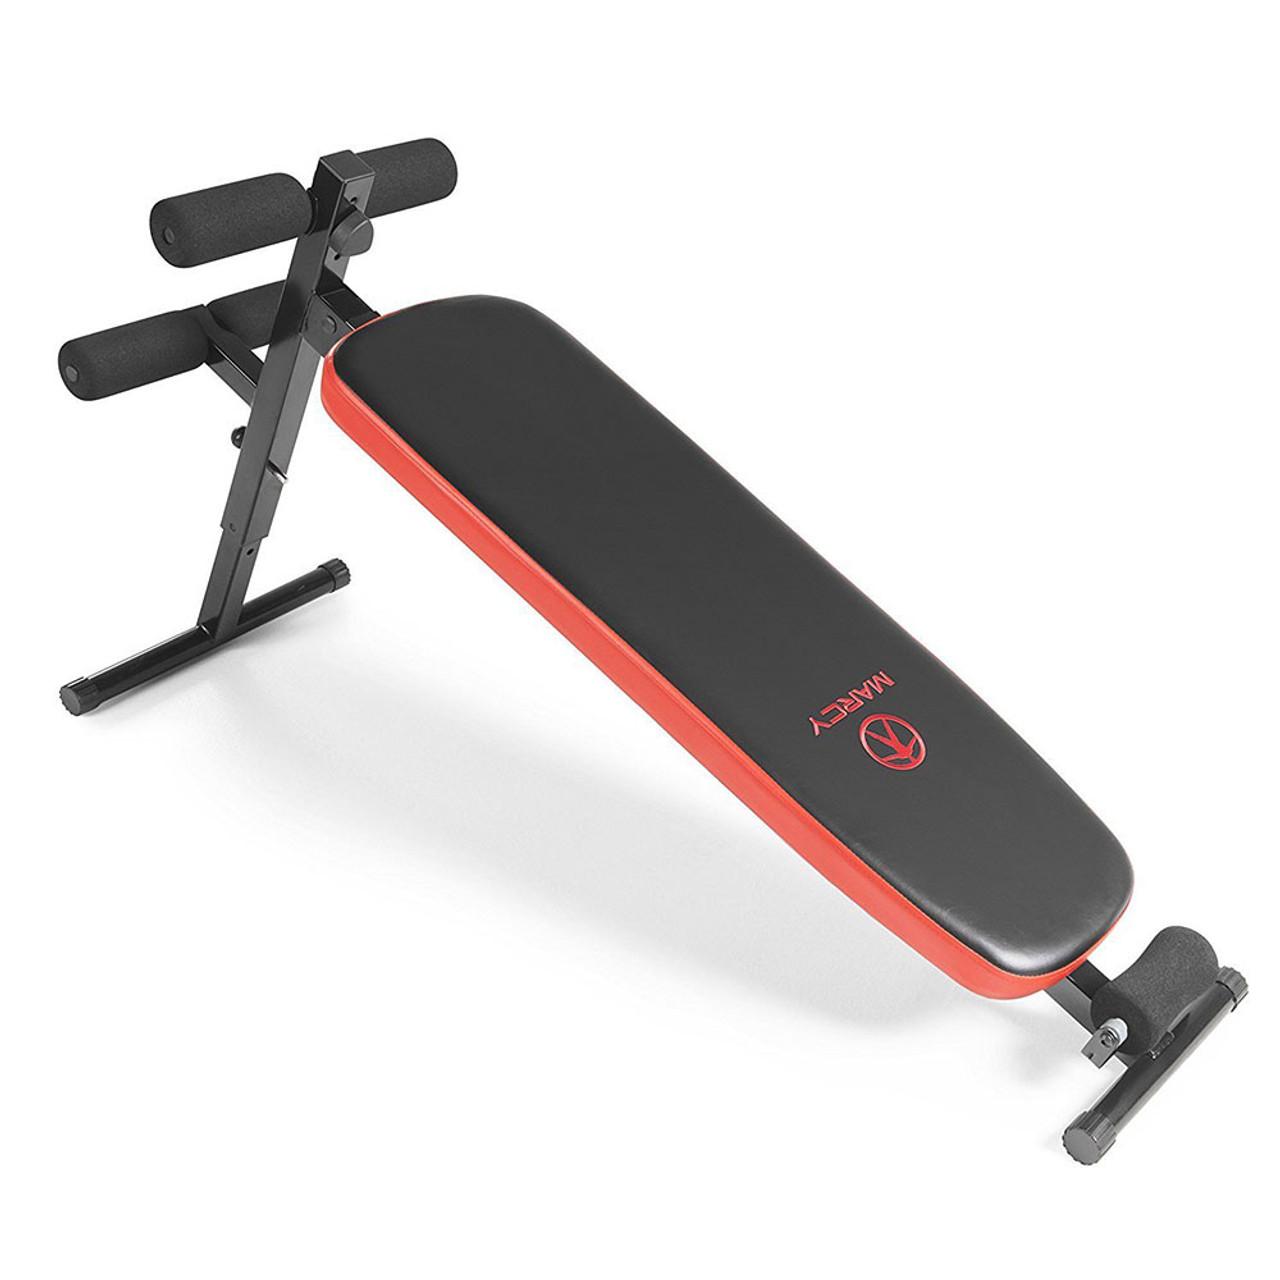 Marcy Folding Utility Bench W Headrest Slant Board Sb 4606 Quality Strength Products